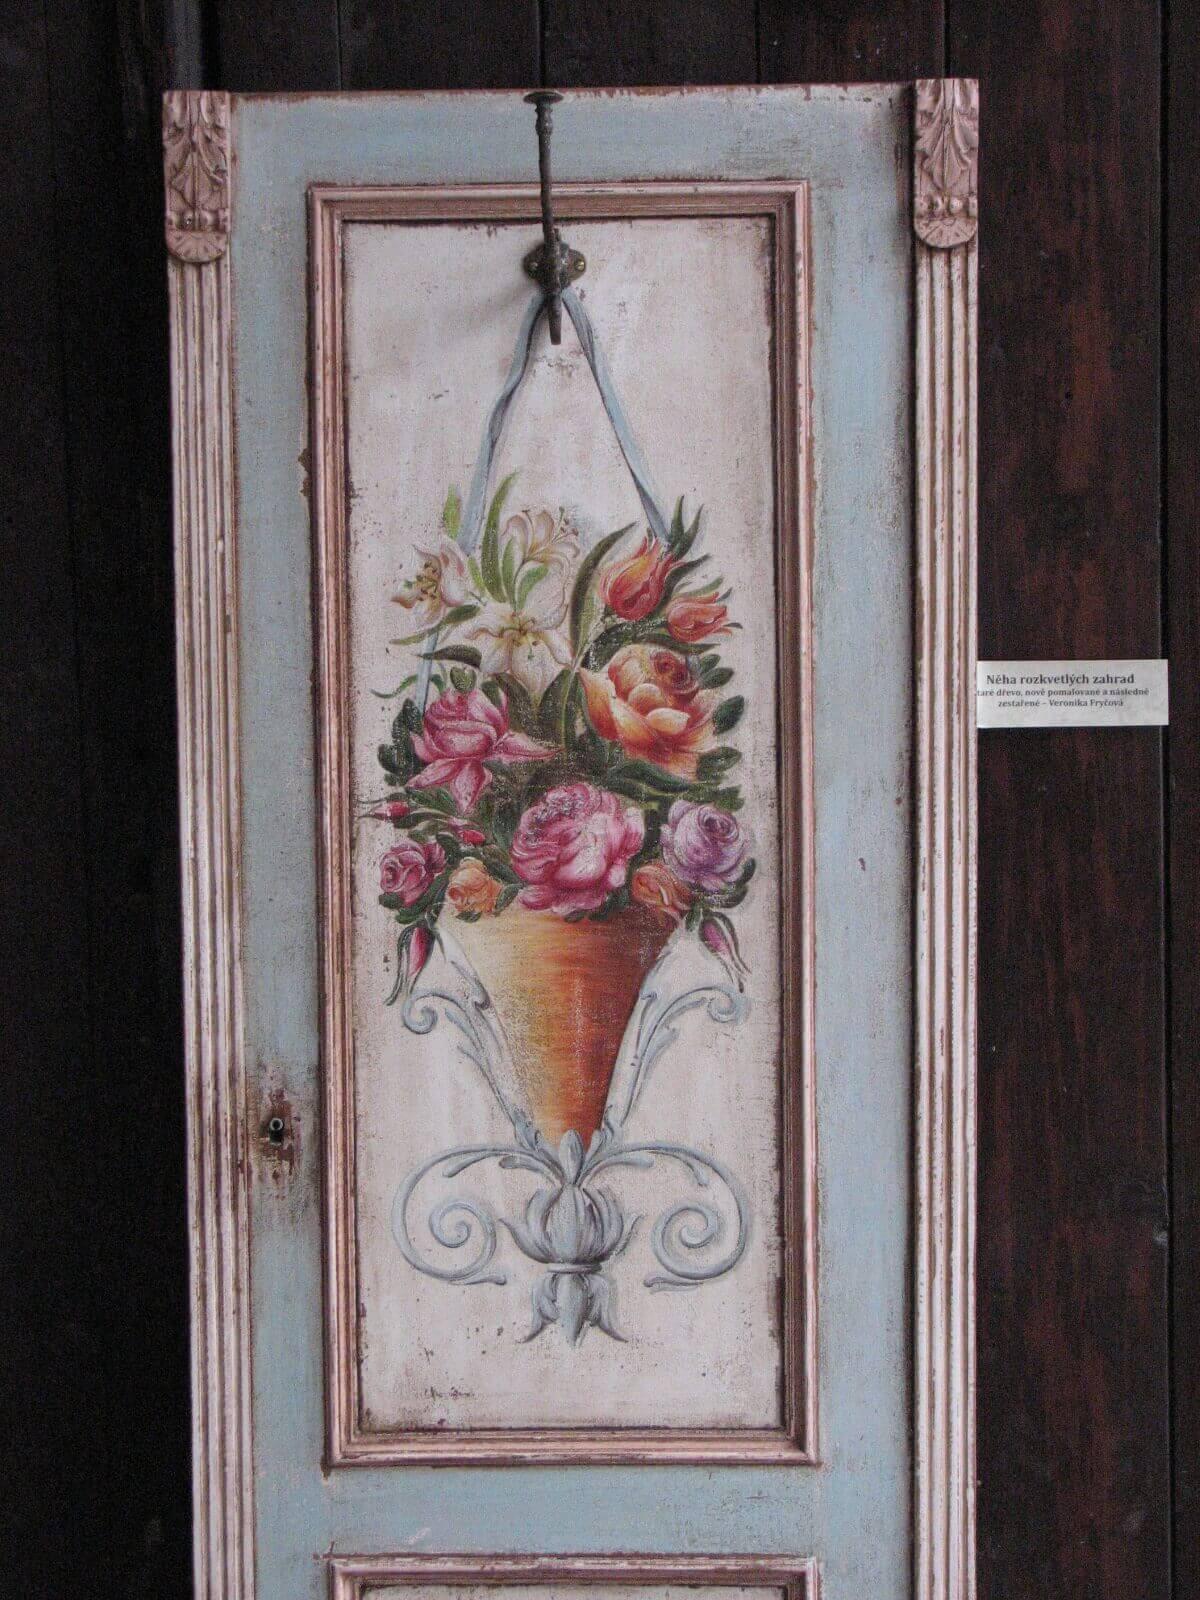 Malovaný věšák - Něha rozkvetlých zahrad 5